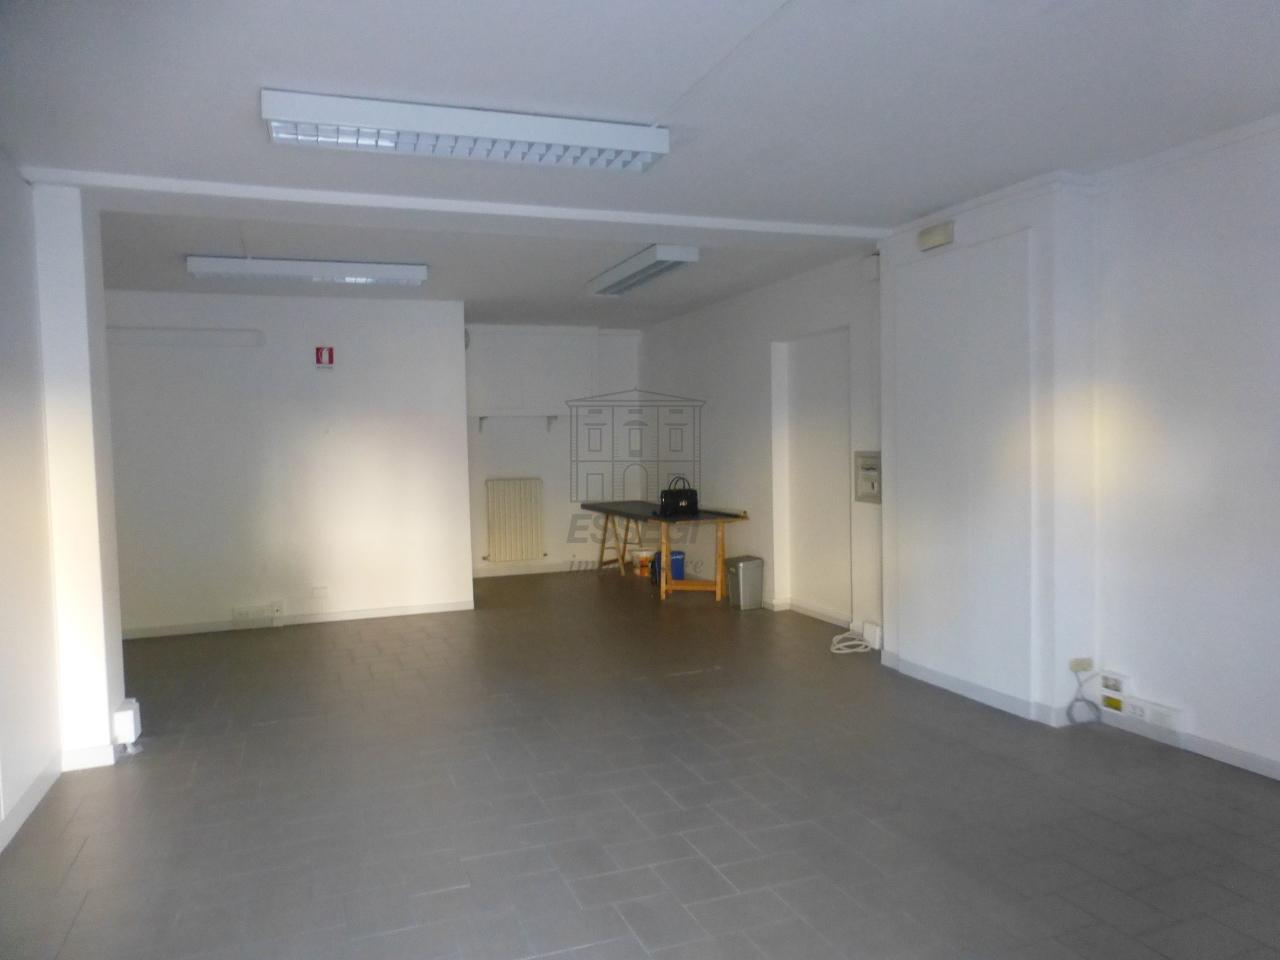 affitto locale commerciale lucca   1800 euro  2 locali  150 mq